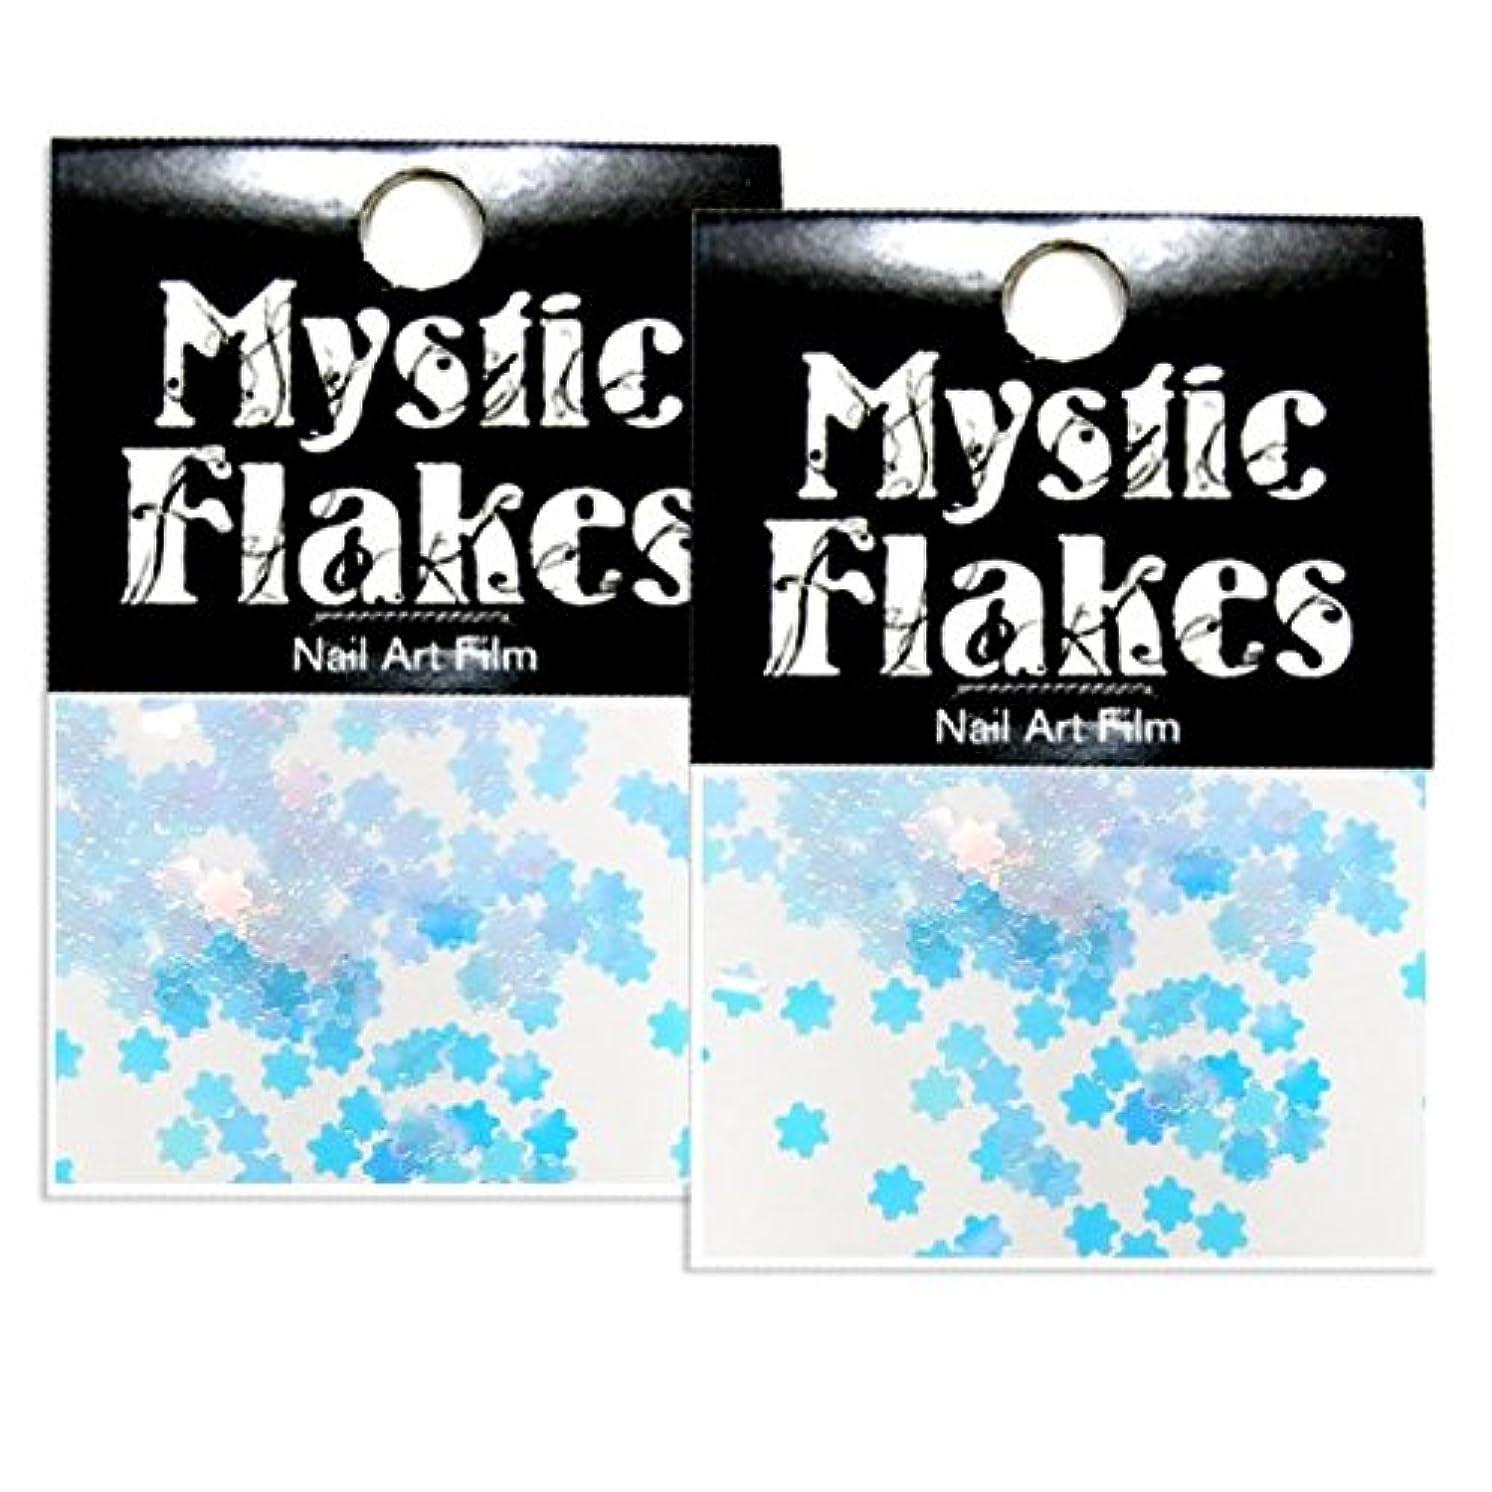 満州一月であるミスティックフレース ネイル用ストーン ダイヤモンド フラワー 0.2g 2個セット